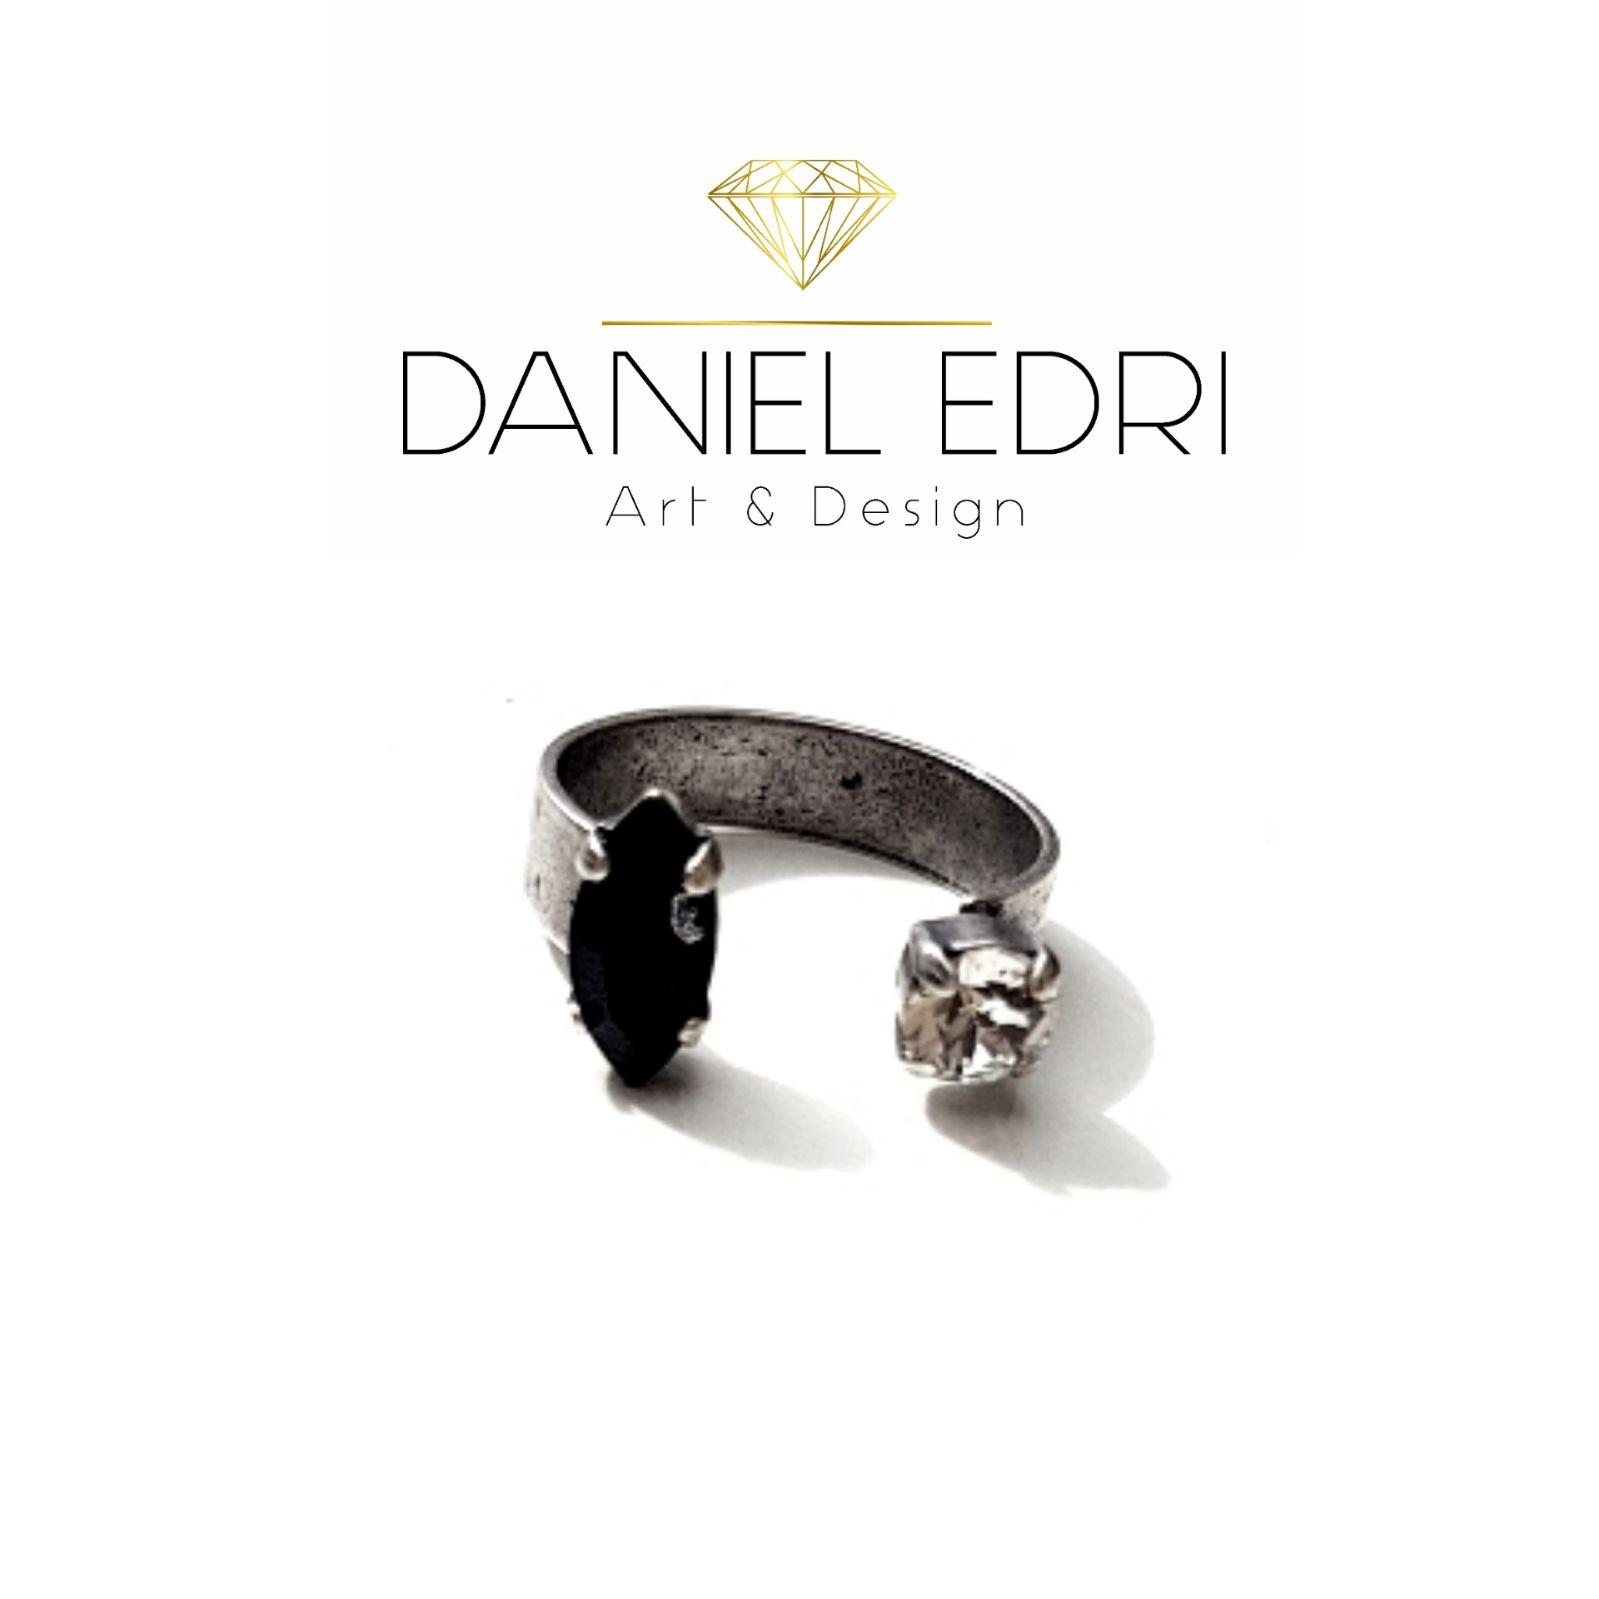 טבעת פתוחה קריסטל מרקיזות- שחור קריסטל